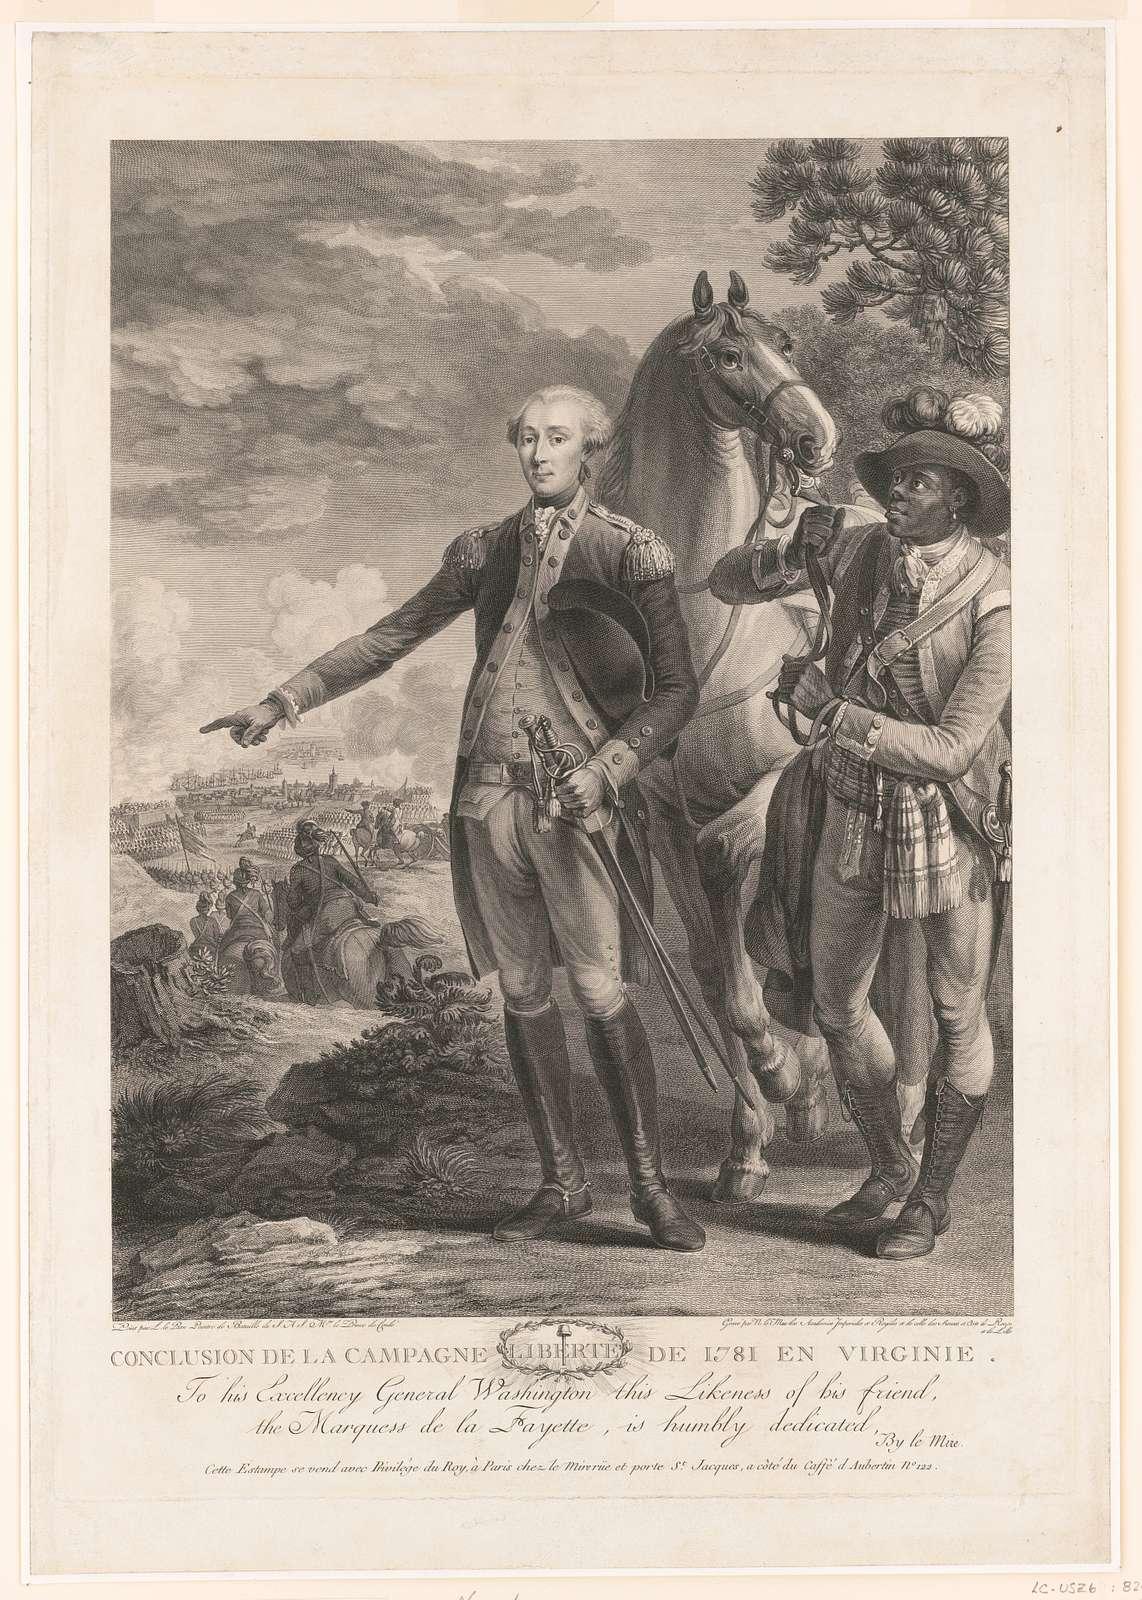 Conclusion de la campagne de 1781 en Virginie. To his excellency General Washington ... / peint par L. le Paon peintre de Bataille de S.A.S. Mgr. le Prince de Condé ; gravé par N. le Mire des Academies Imperiales et Royales et de celle des Siences [sic] et Arts de Rouen et de Lille.